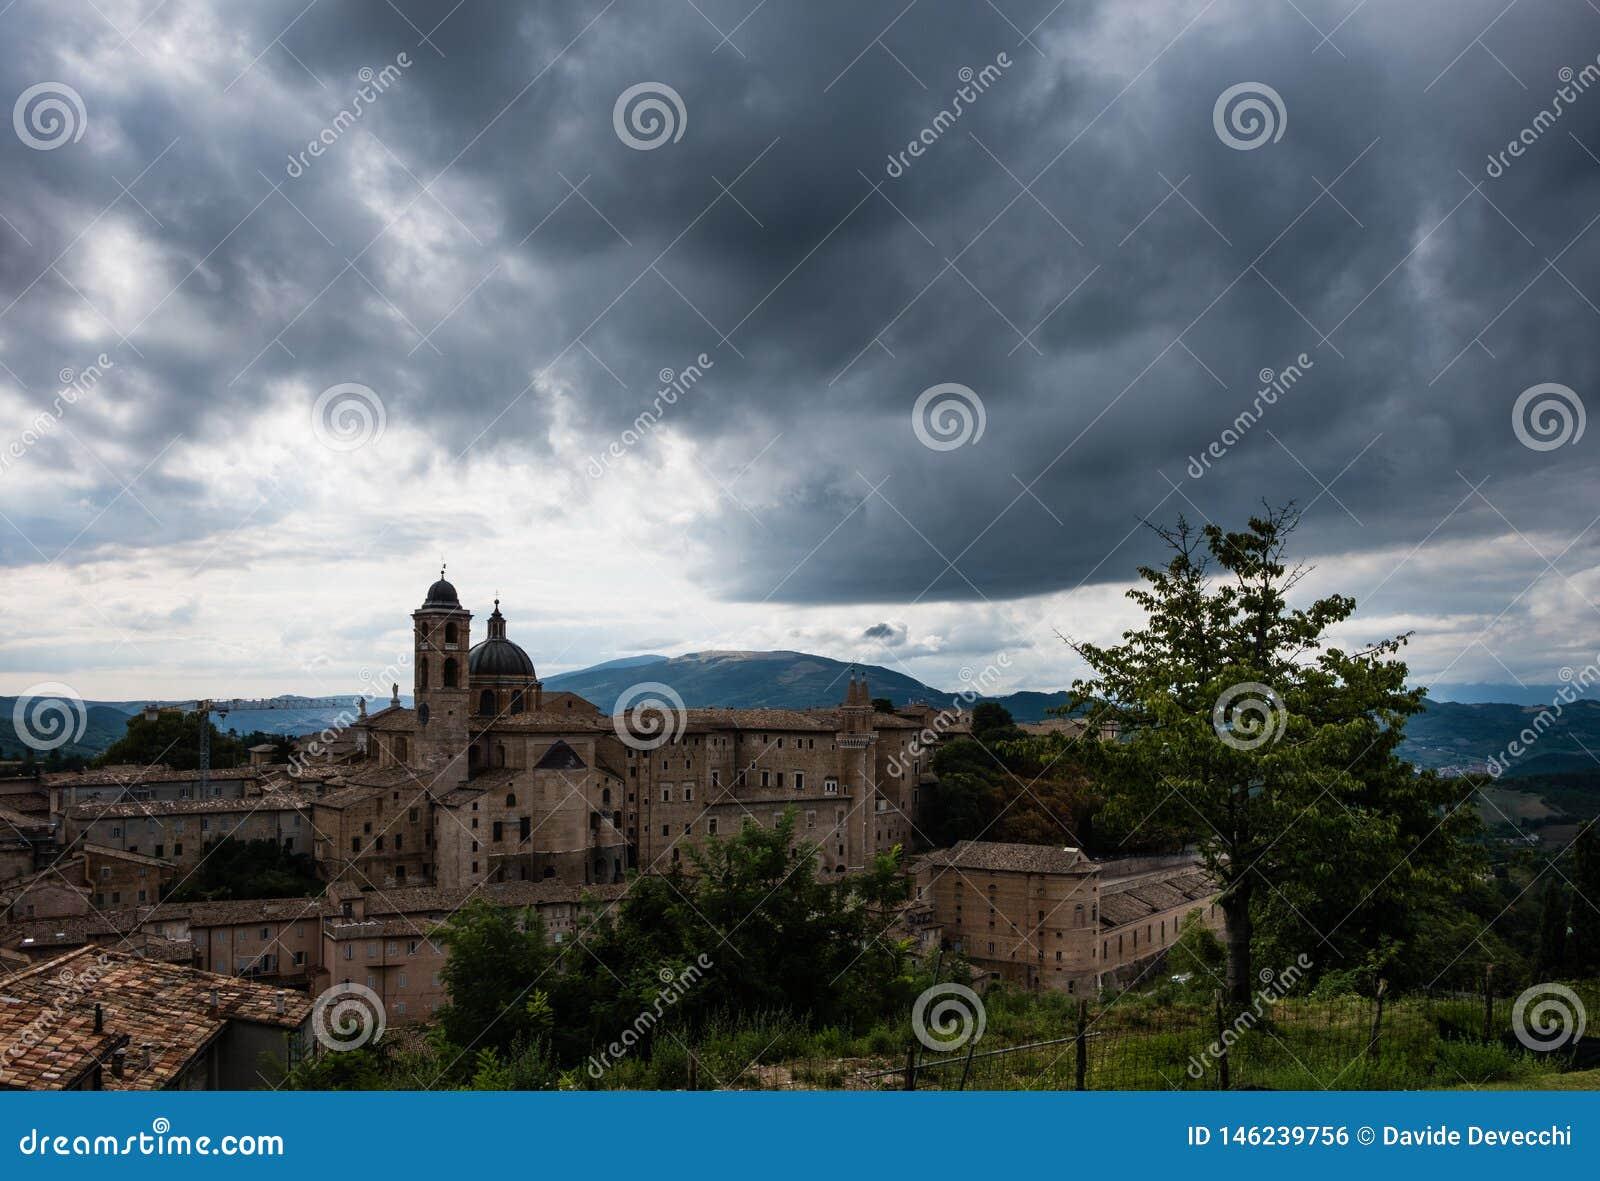 Panorama van het hertogelijke paleis van Urbino in centraal Itali? met een dramatische hemel